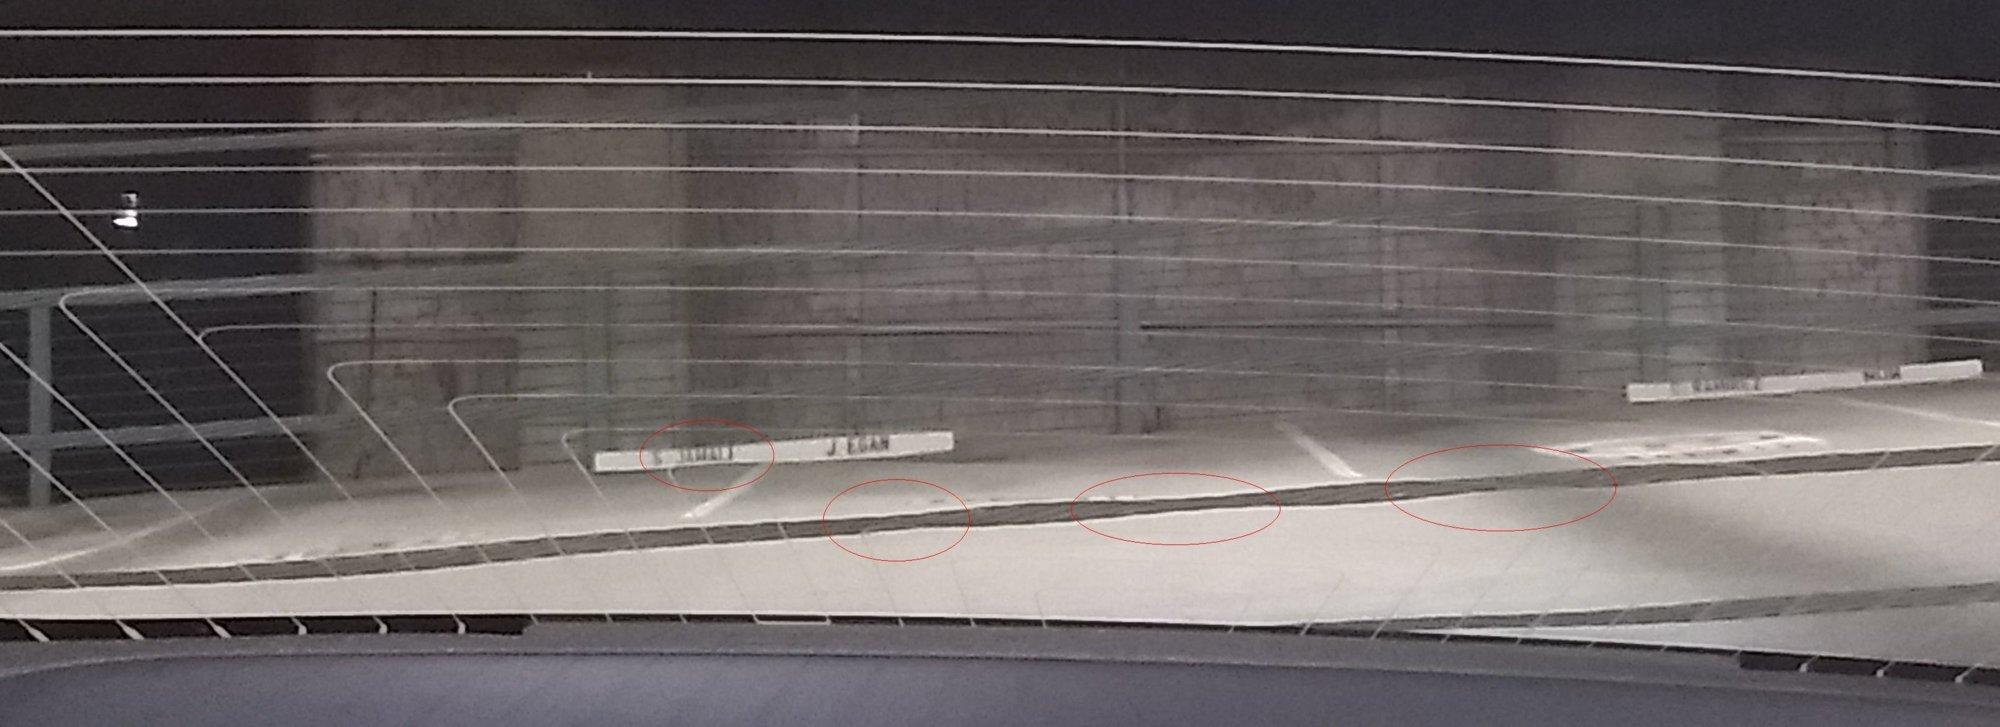 Model 3 rear window.jpg